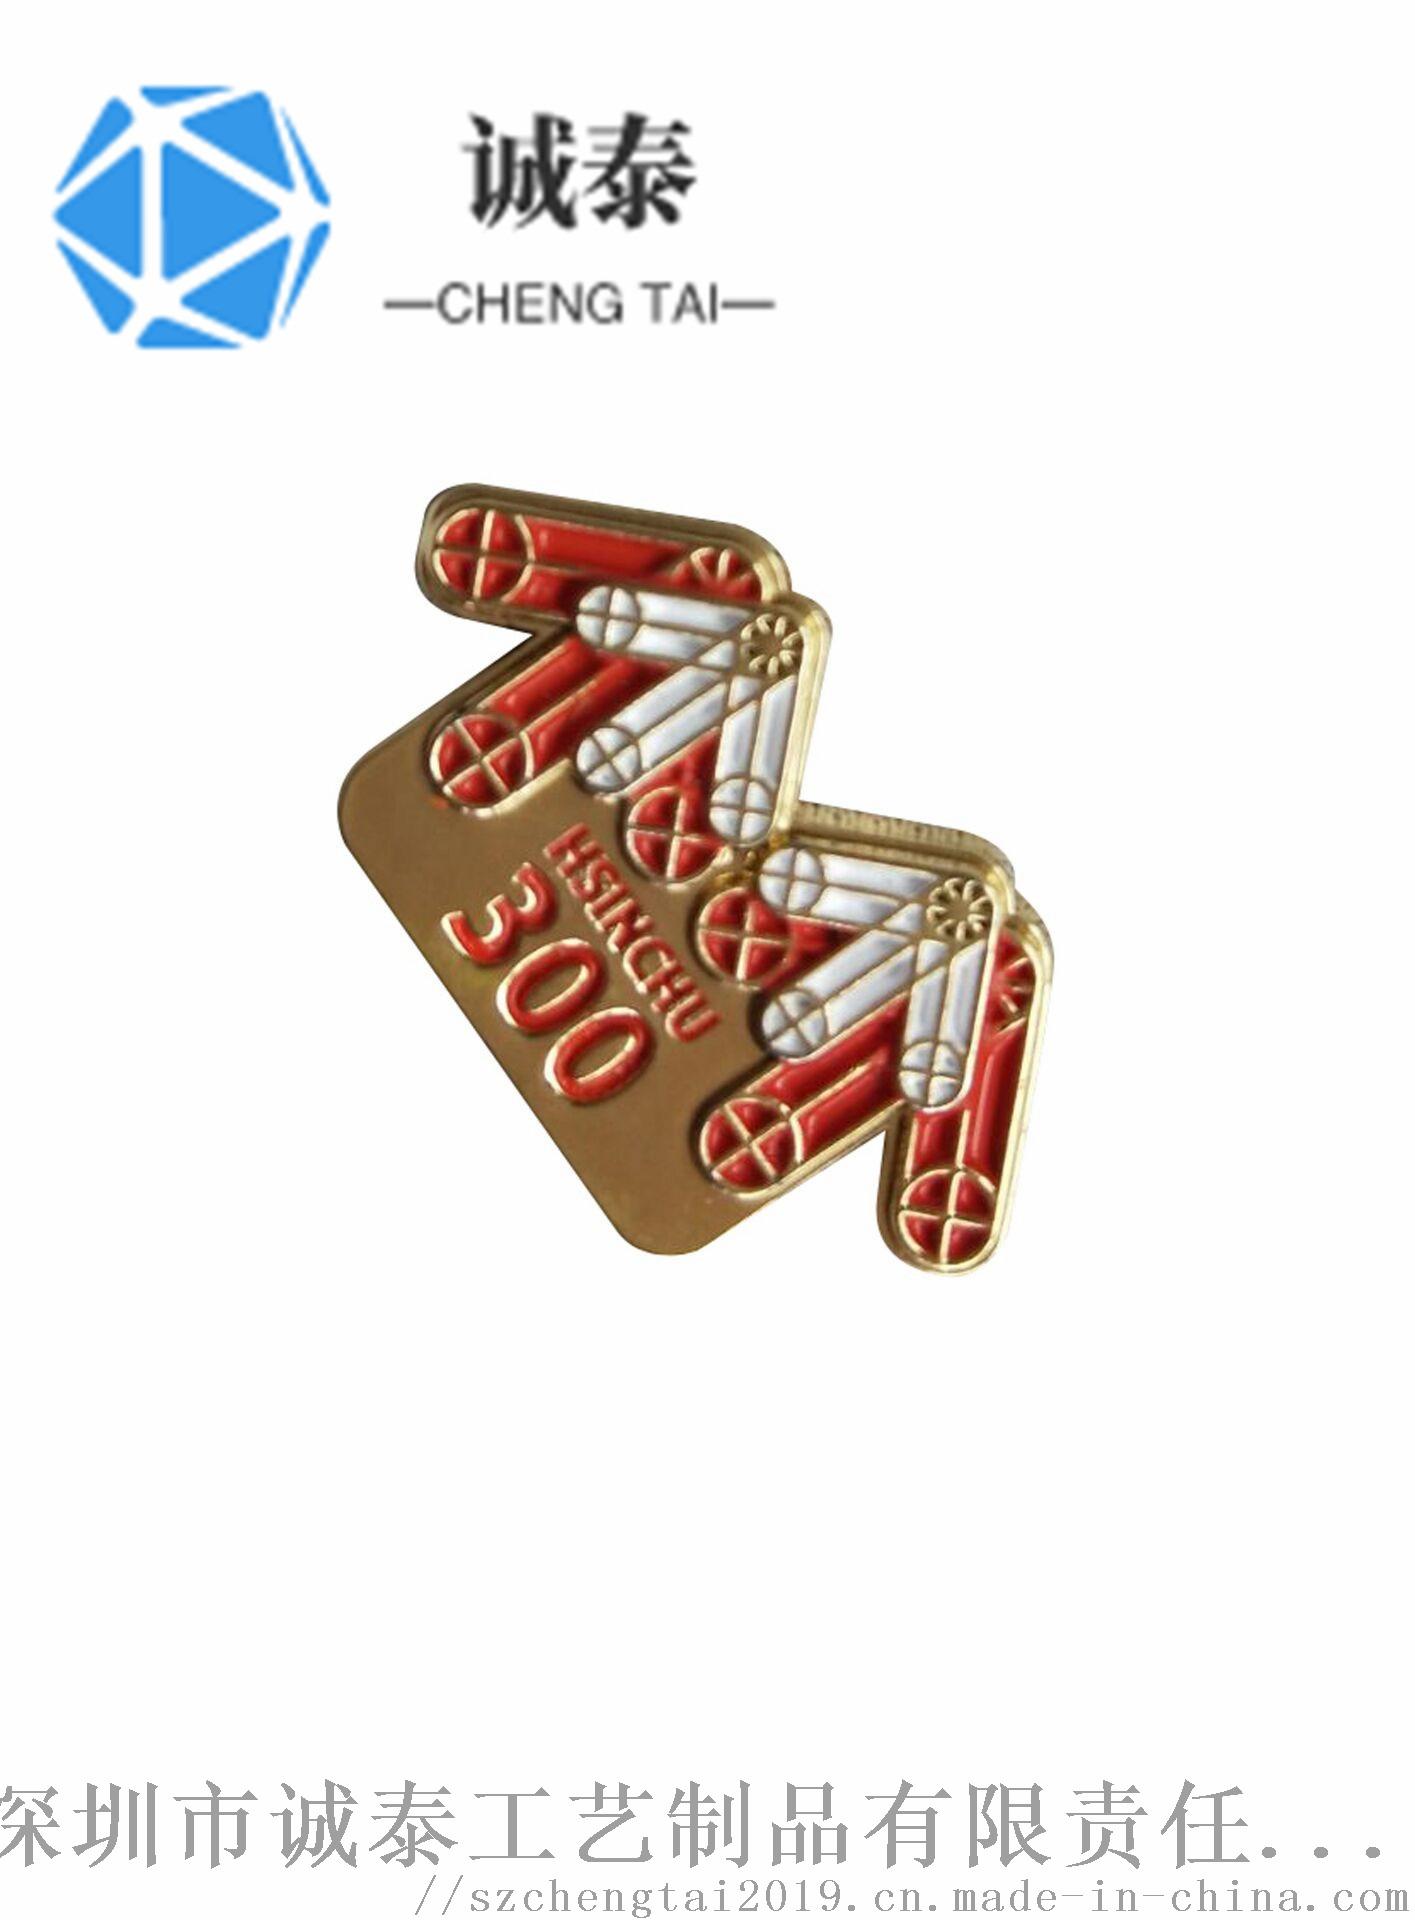 定制金属徽章,聚会活动纪念胸章,深圳胸章厂858275895